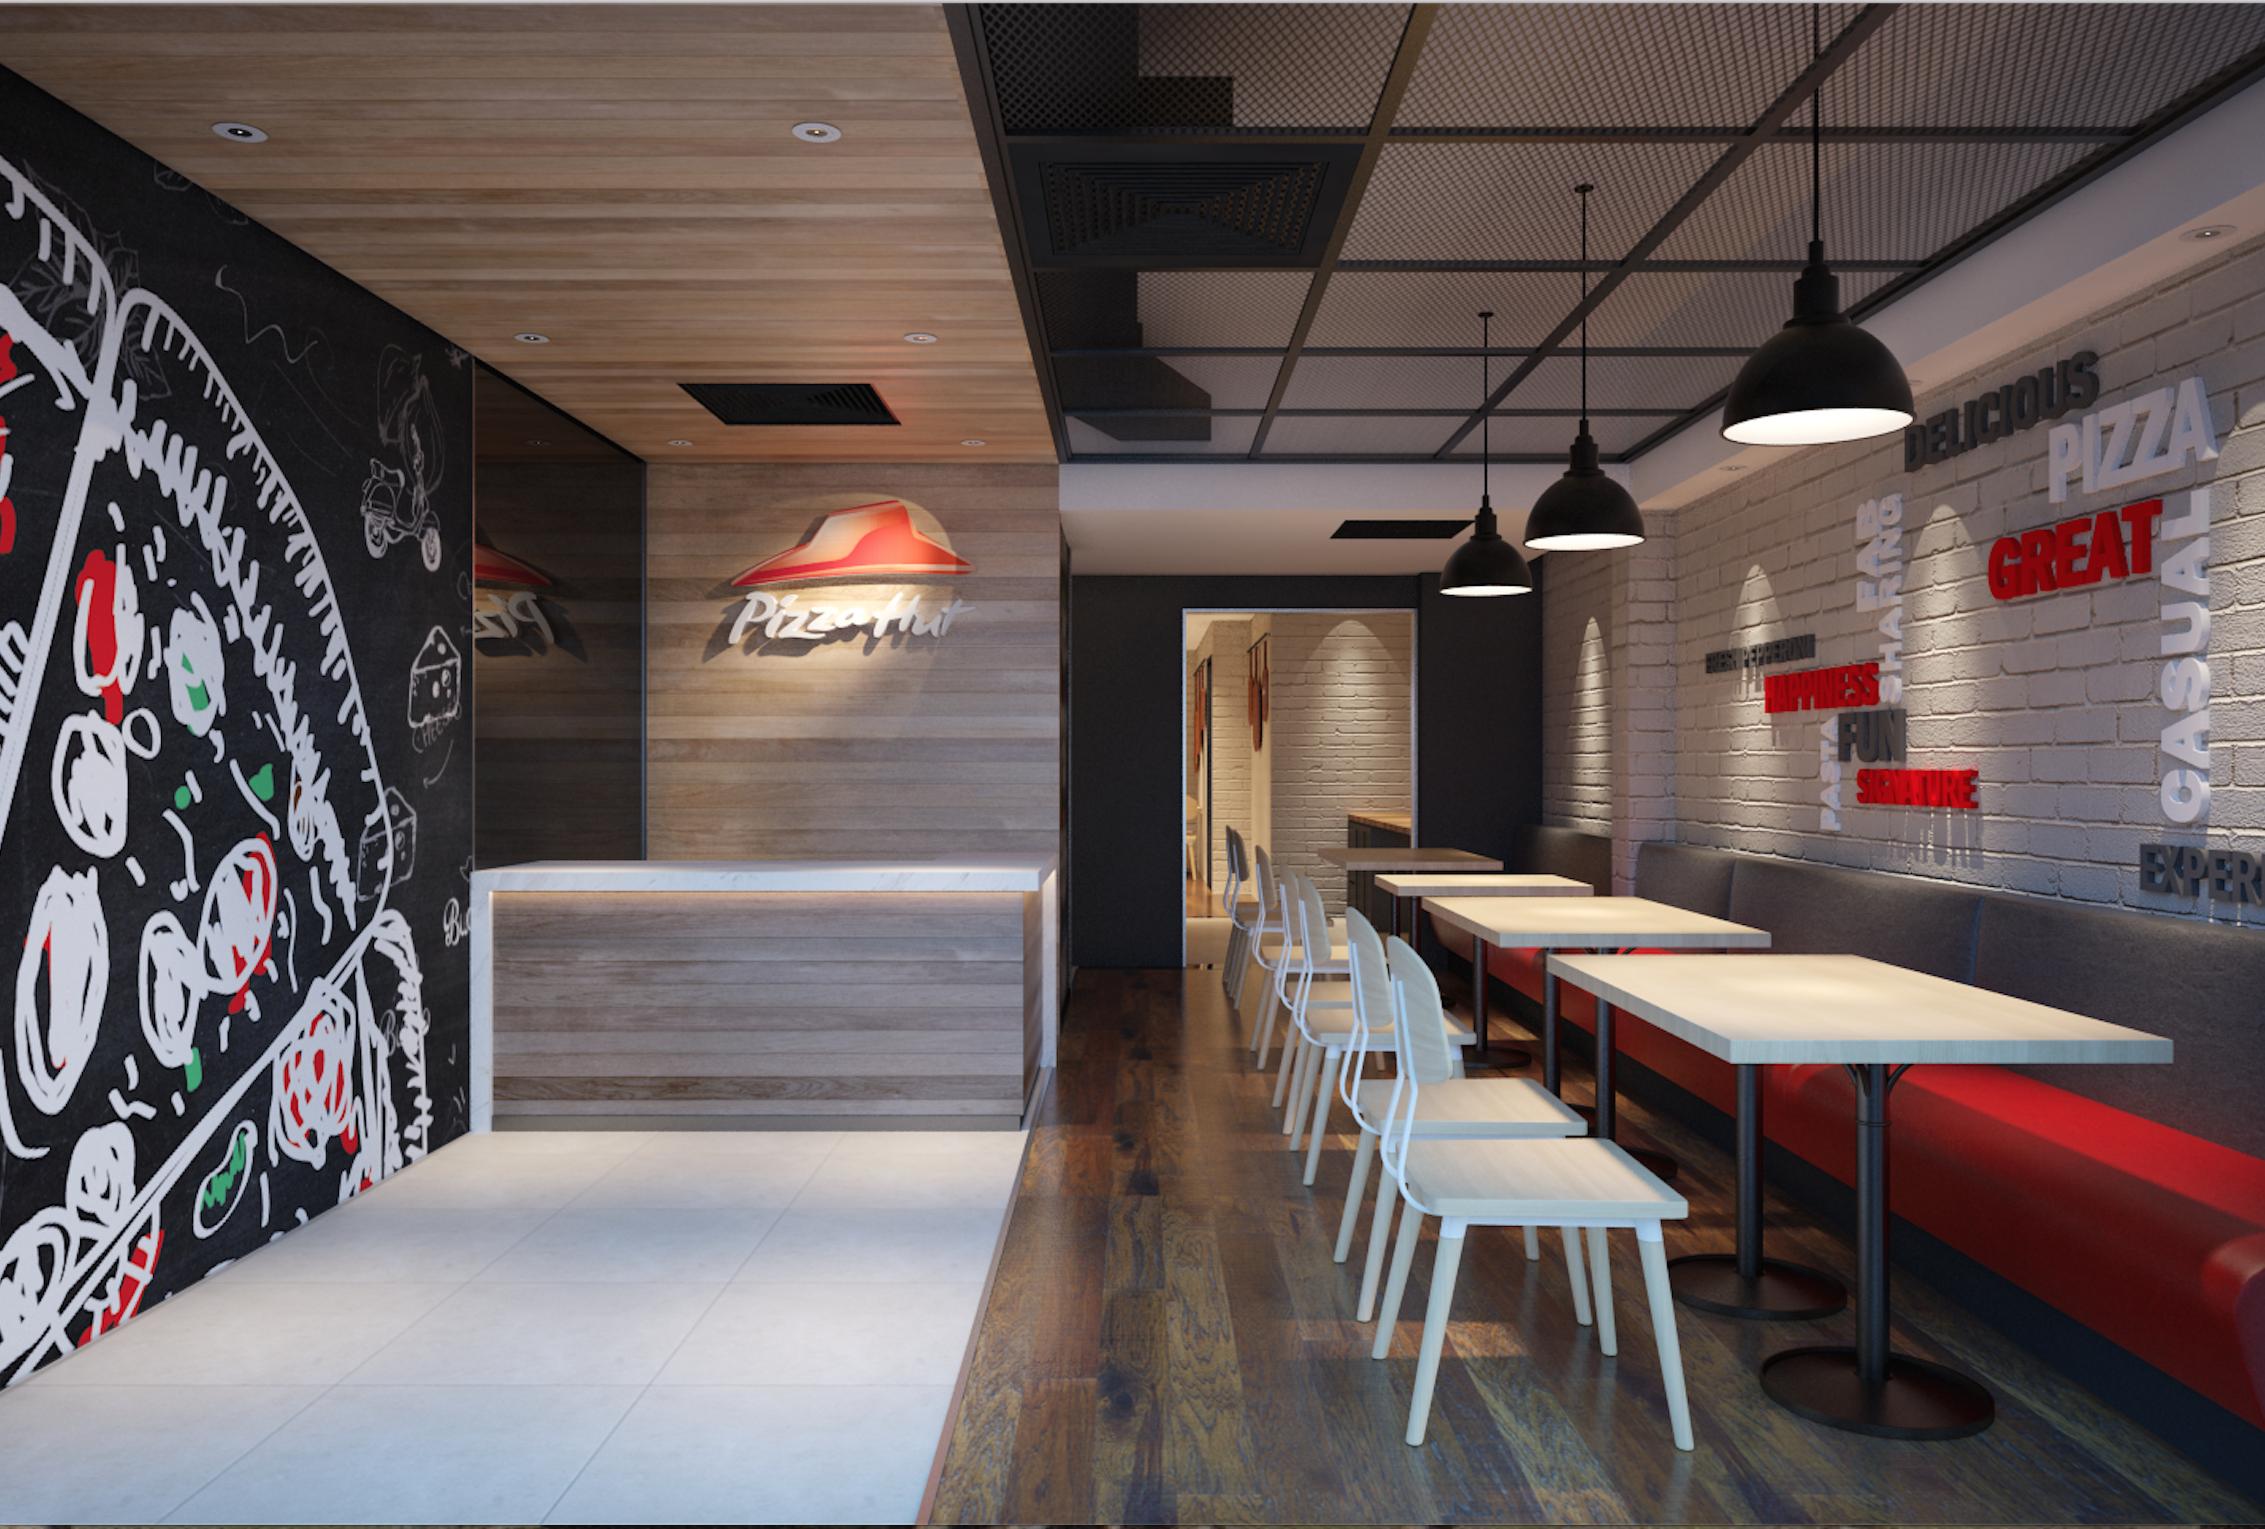 Pizza Hut 3d Design With Images Design Interior Interior Design